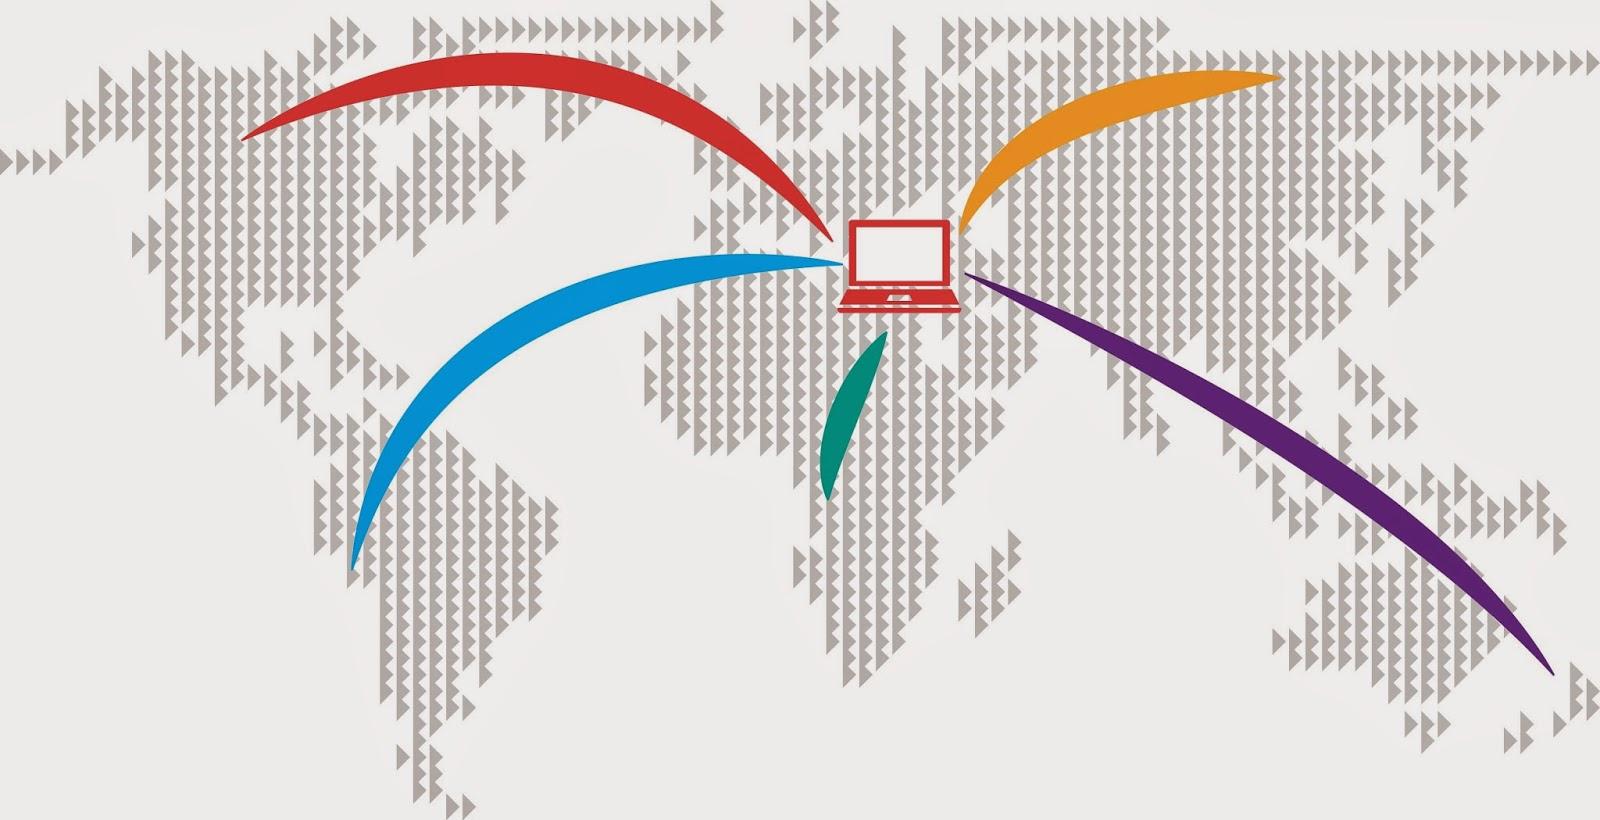 4 Cara Marketing Online yang Efektif untuk Bisnis Dengan Modal Kecil